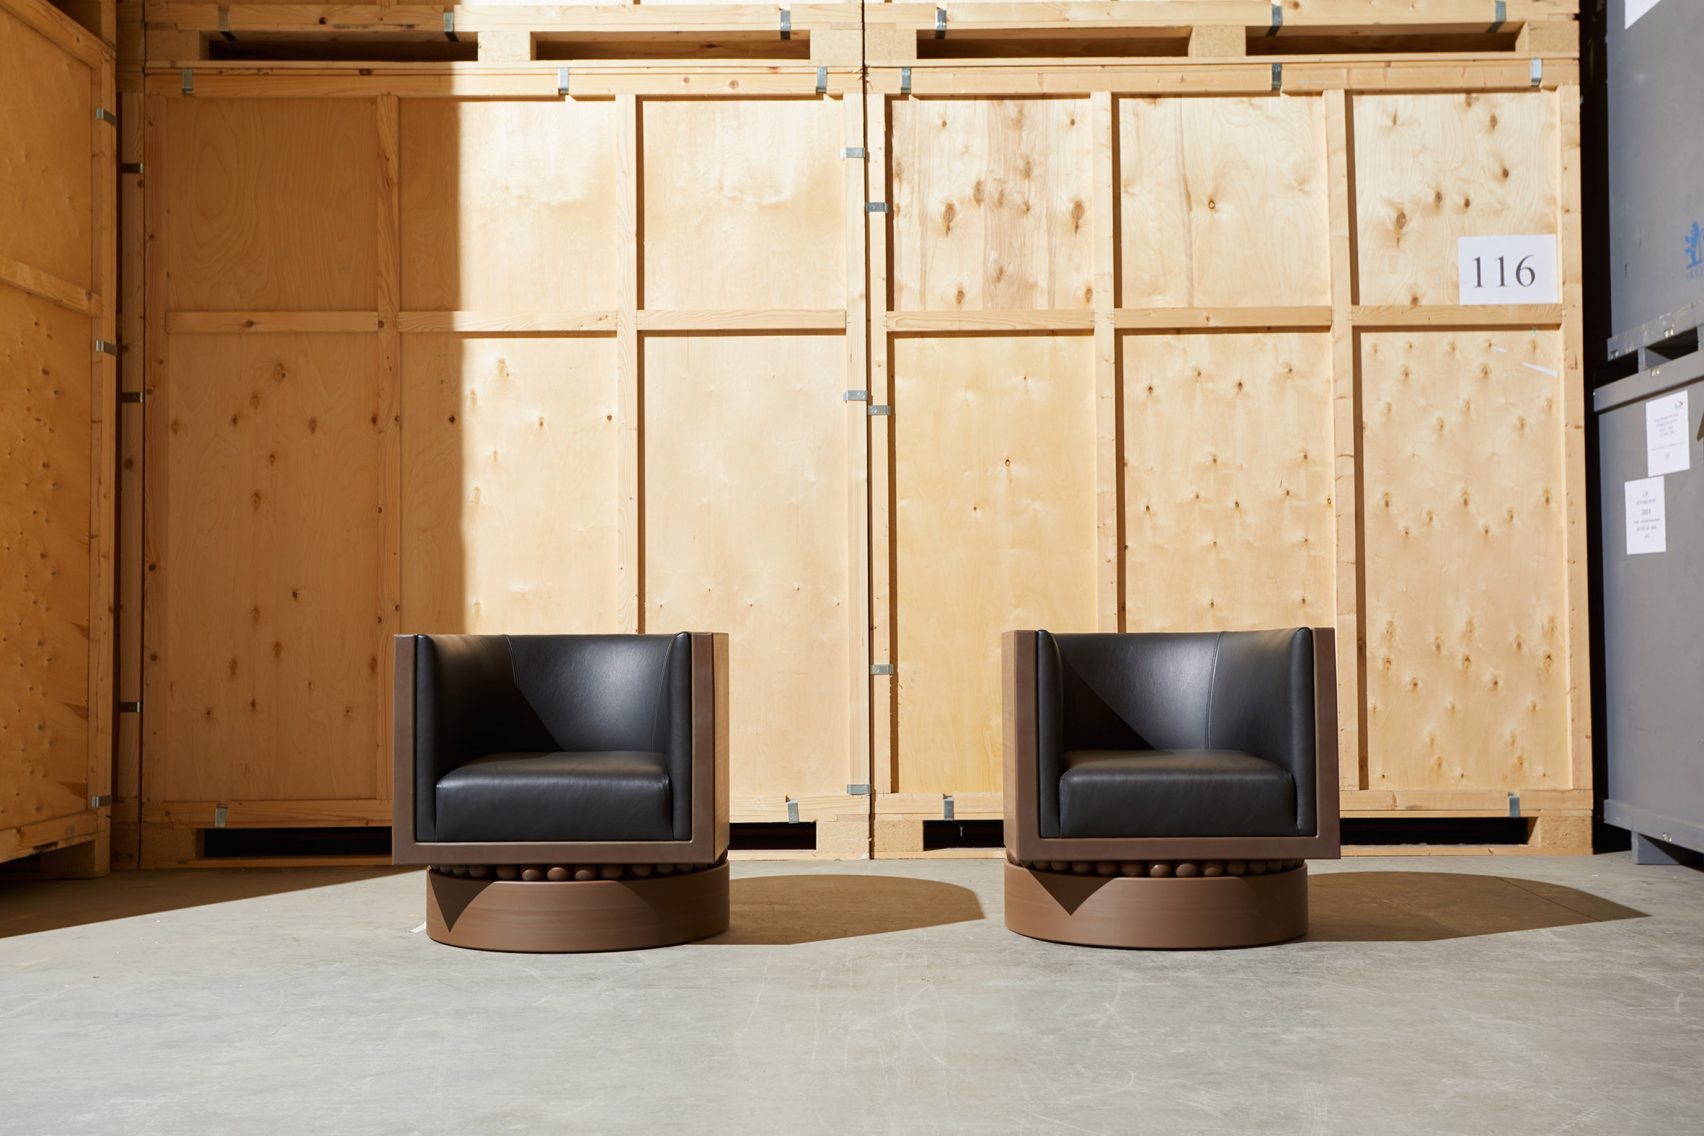 design-miami-basel-philippe-malouin-design-furniture_dezeen_2364_col_5-1704x1136.jpg